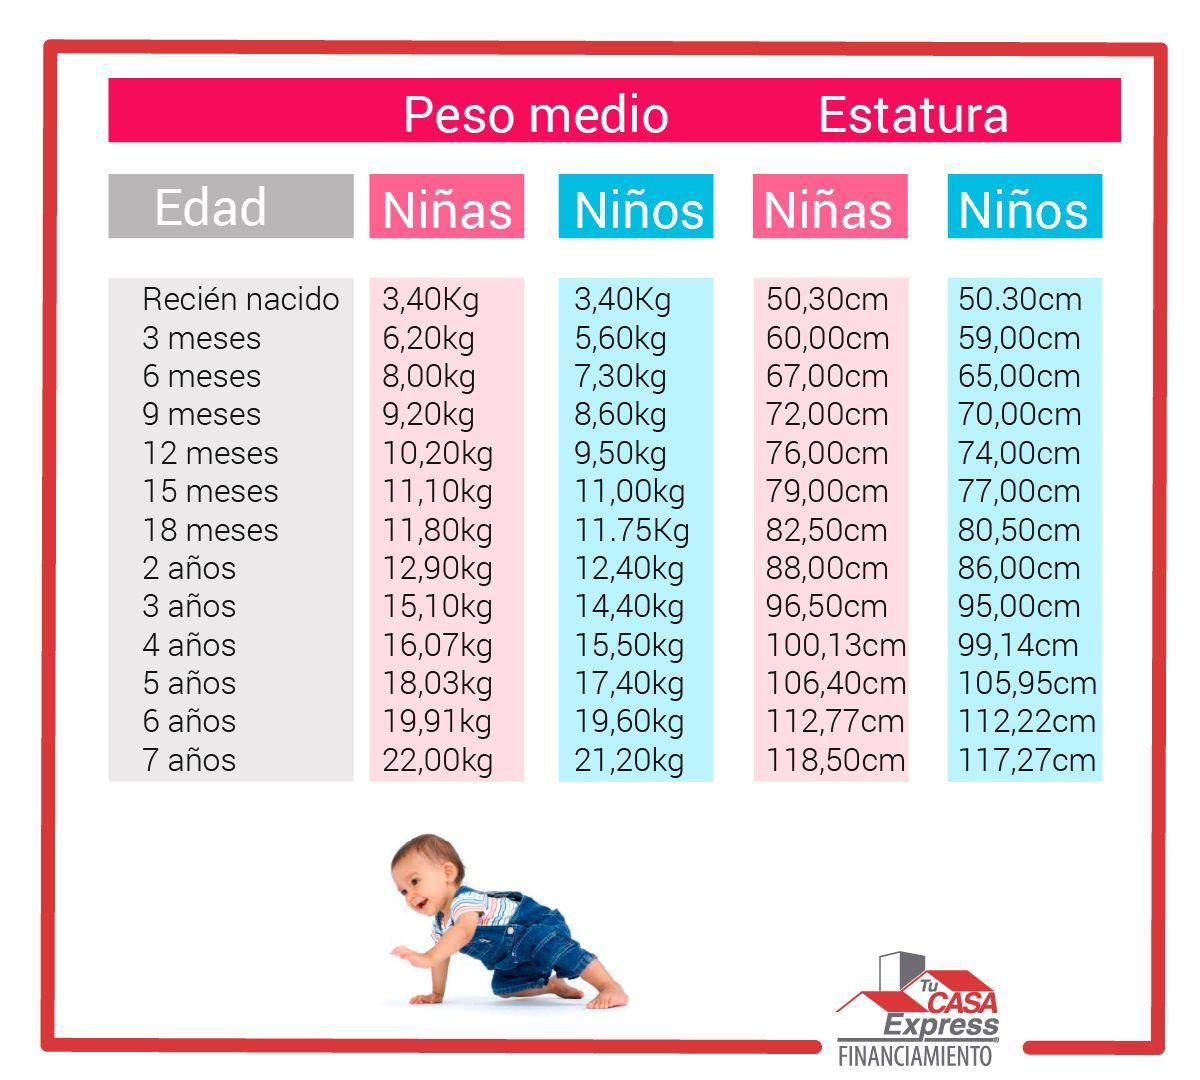 Peso ideal para ninos de 21 meses